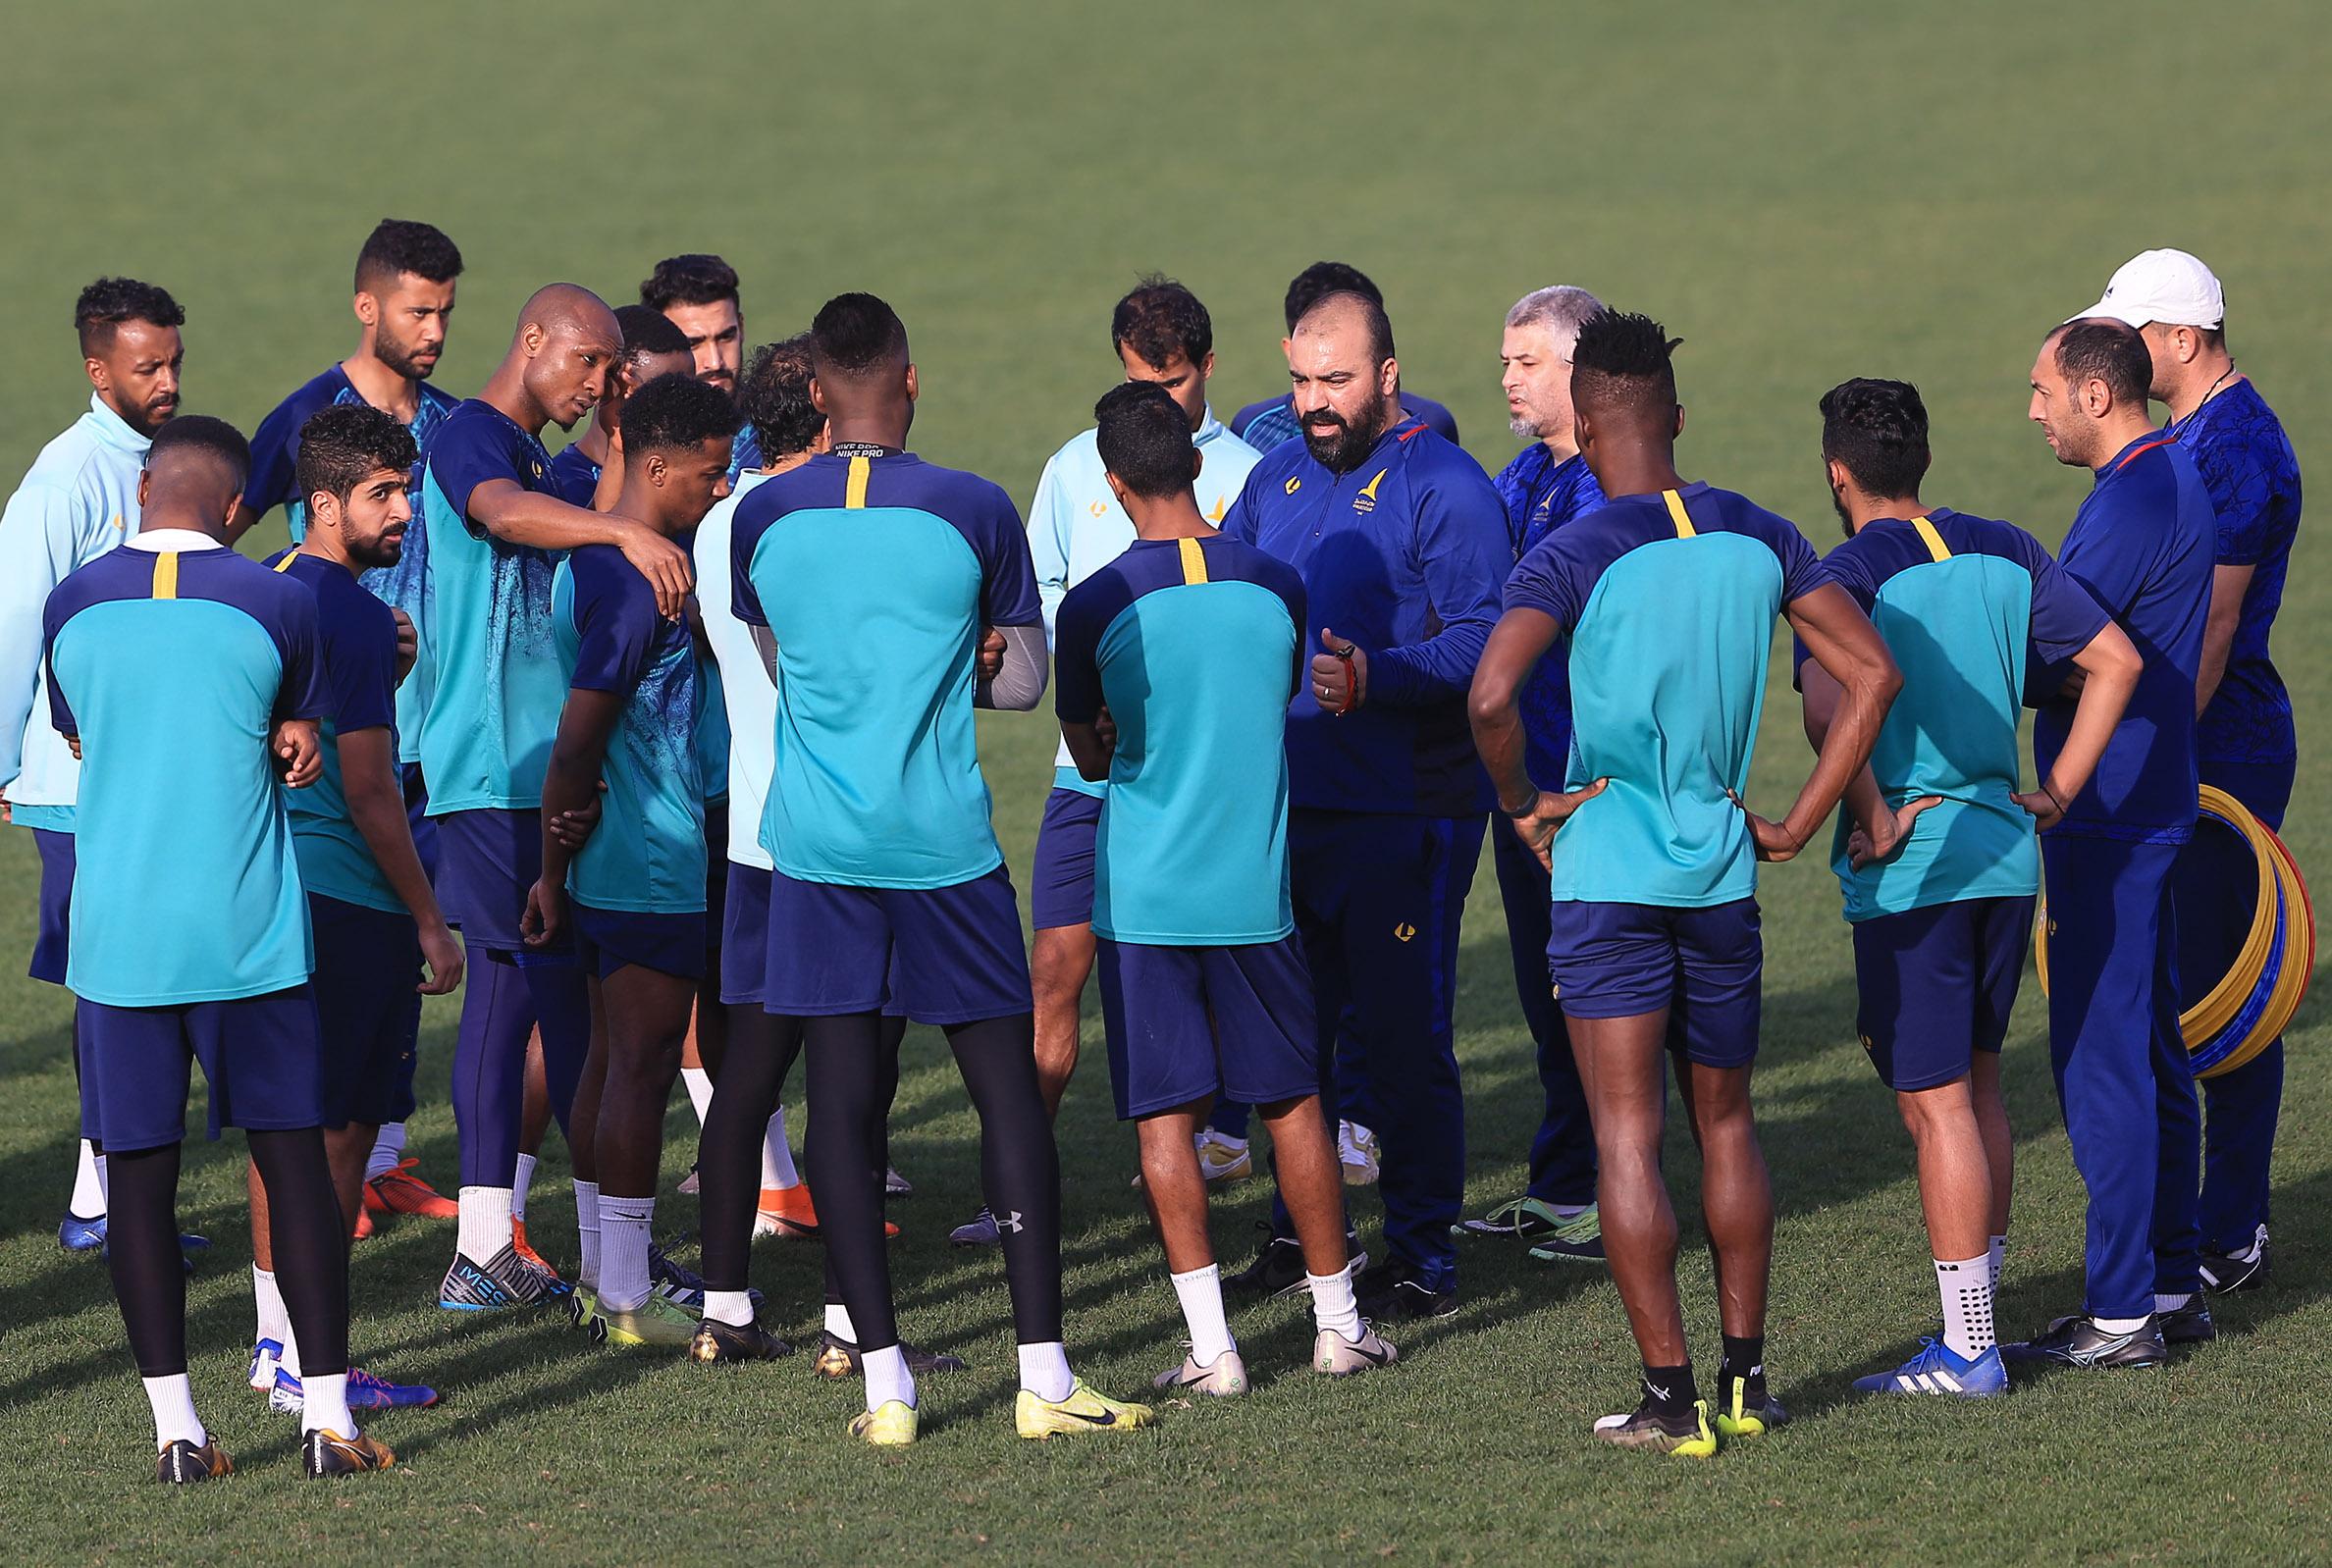 انطلاقة تدريبات الخليج الأحد بقيادة مضوي وضم المعد البدني حسين سعيد